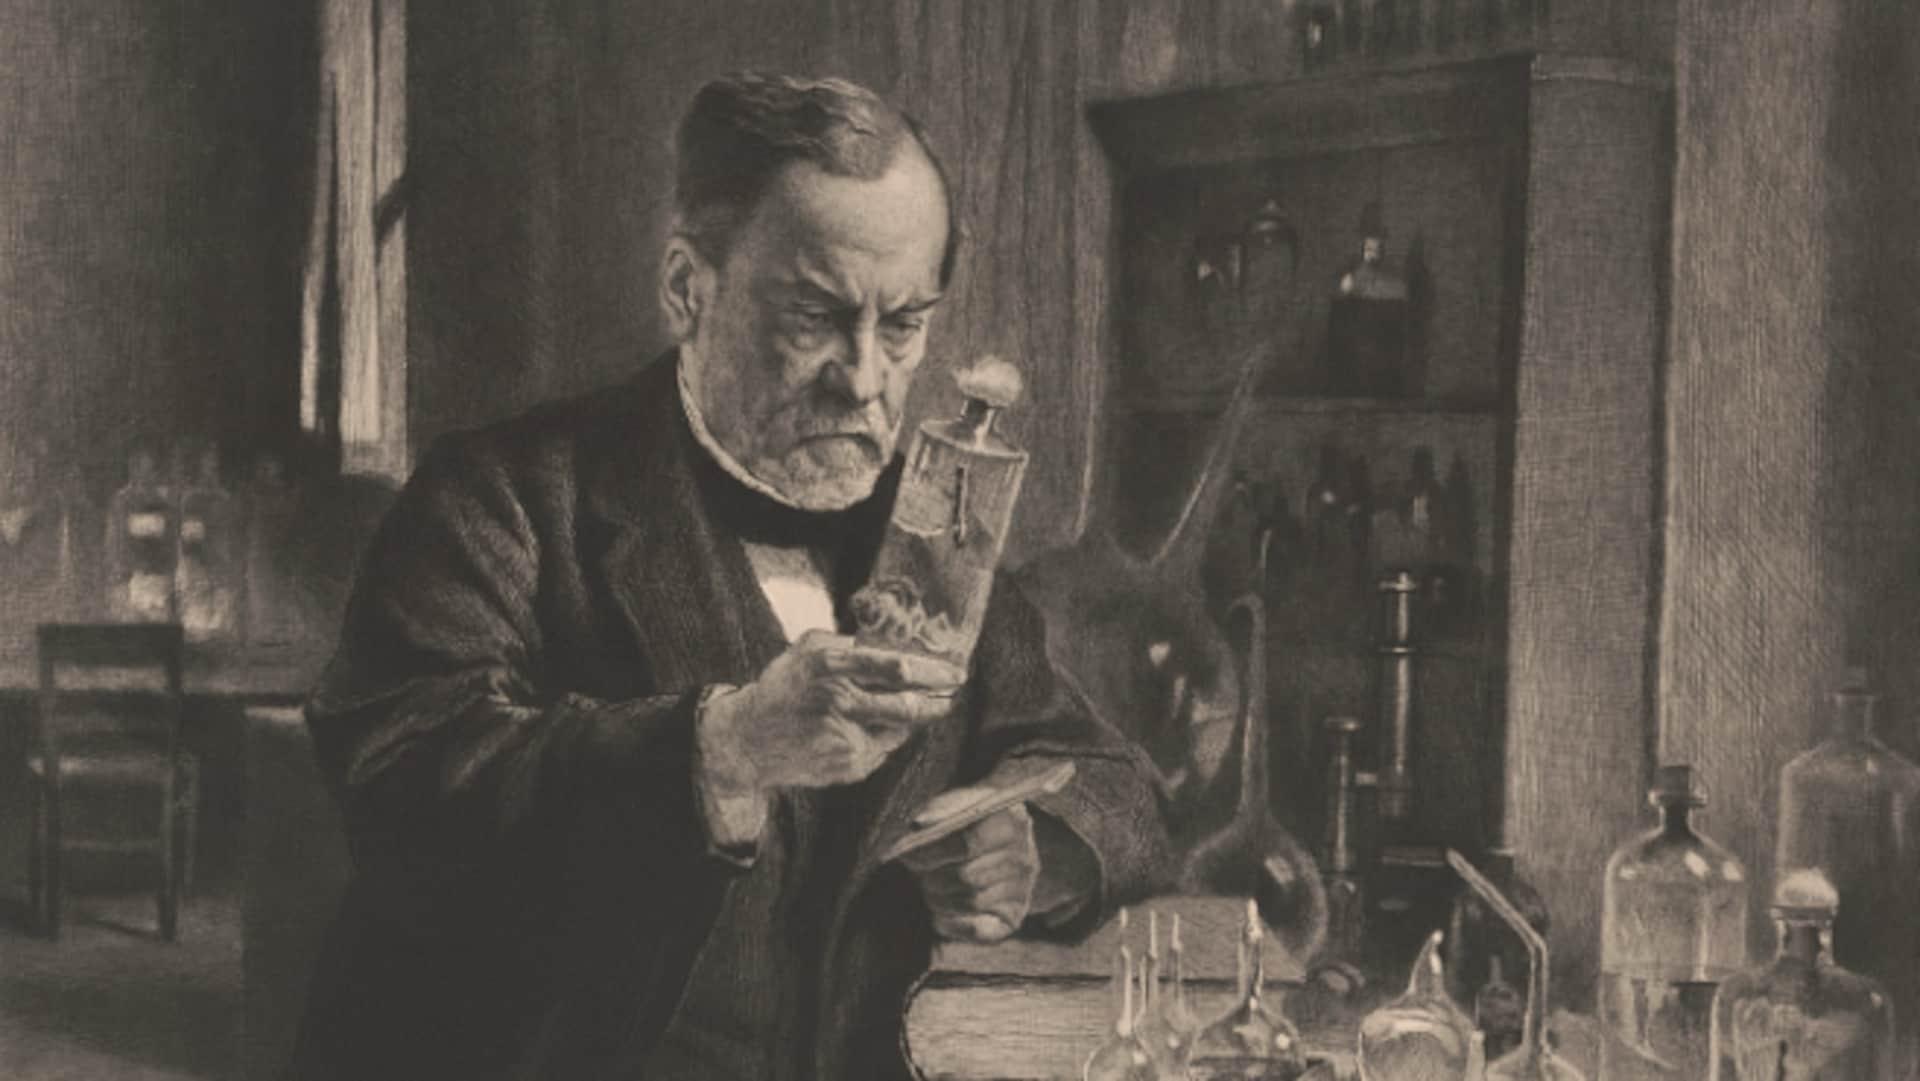 Une portrait montre Louis Pasteur examinant attentivement une bouteille et son contenu dans son laboratoire.